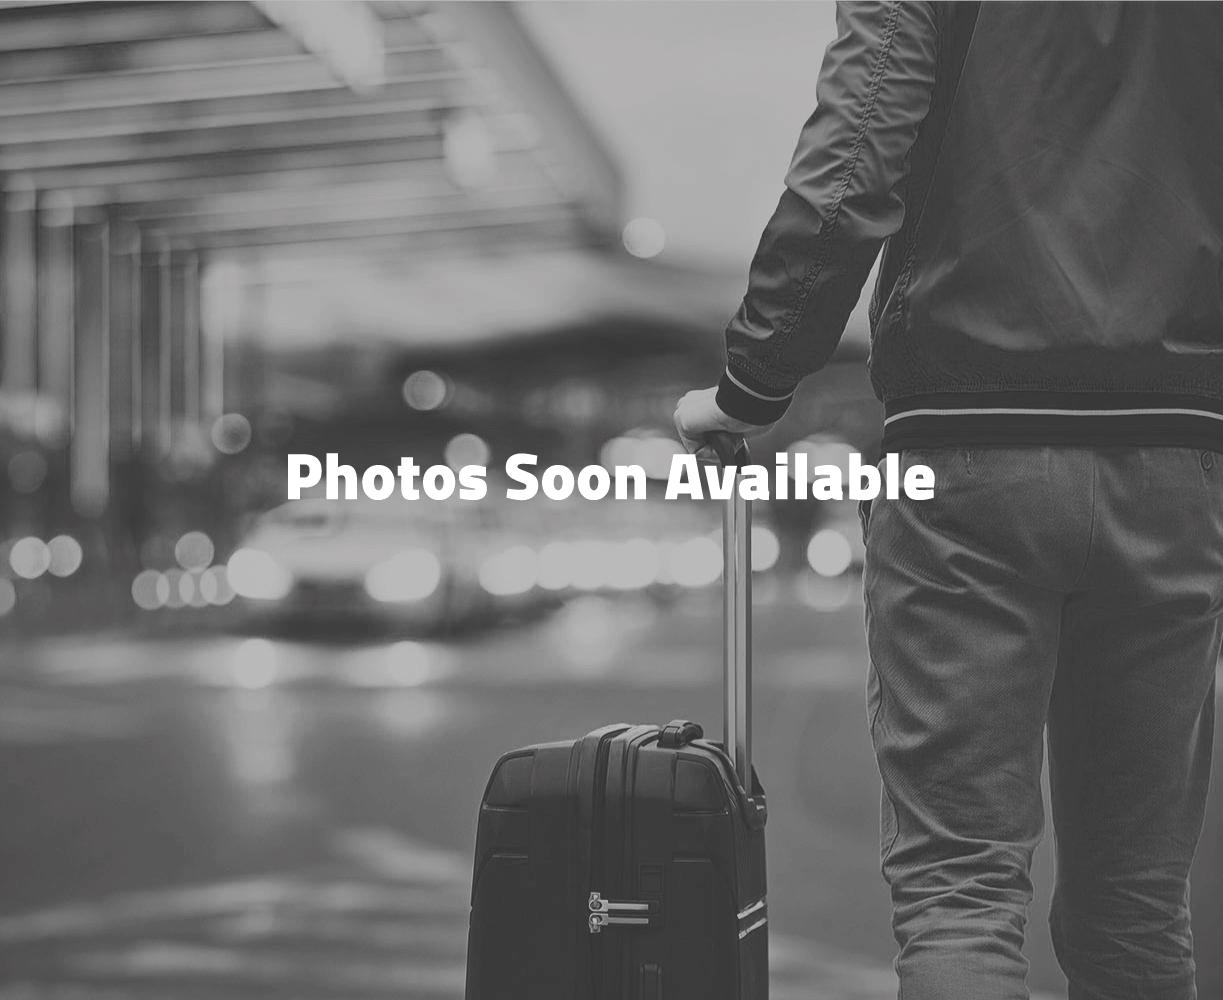 Photos soon available